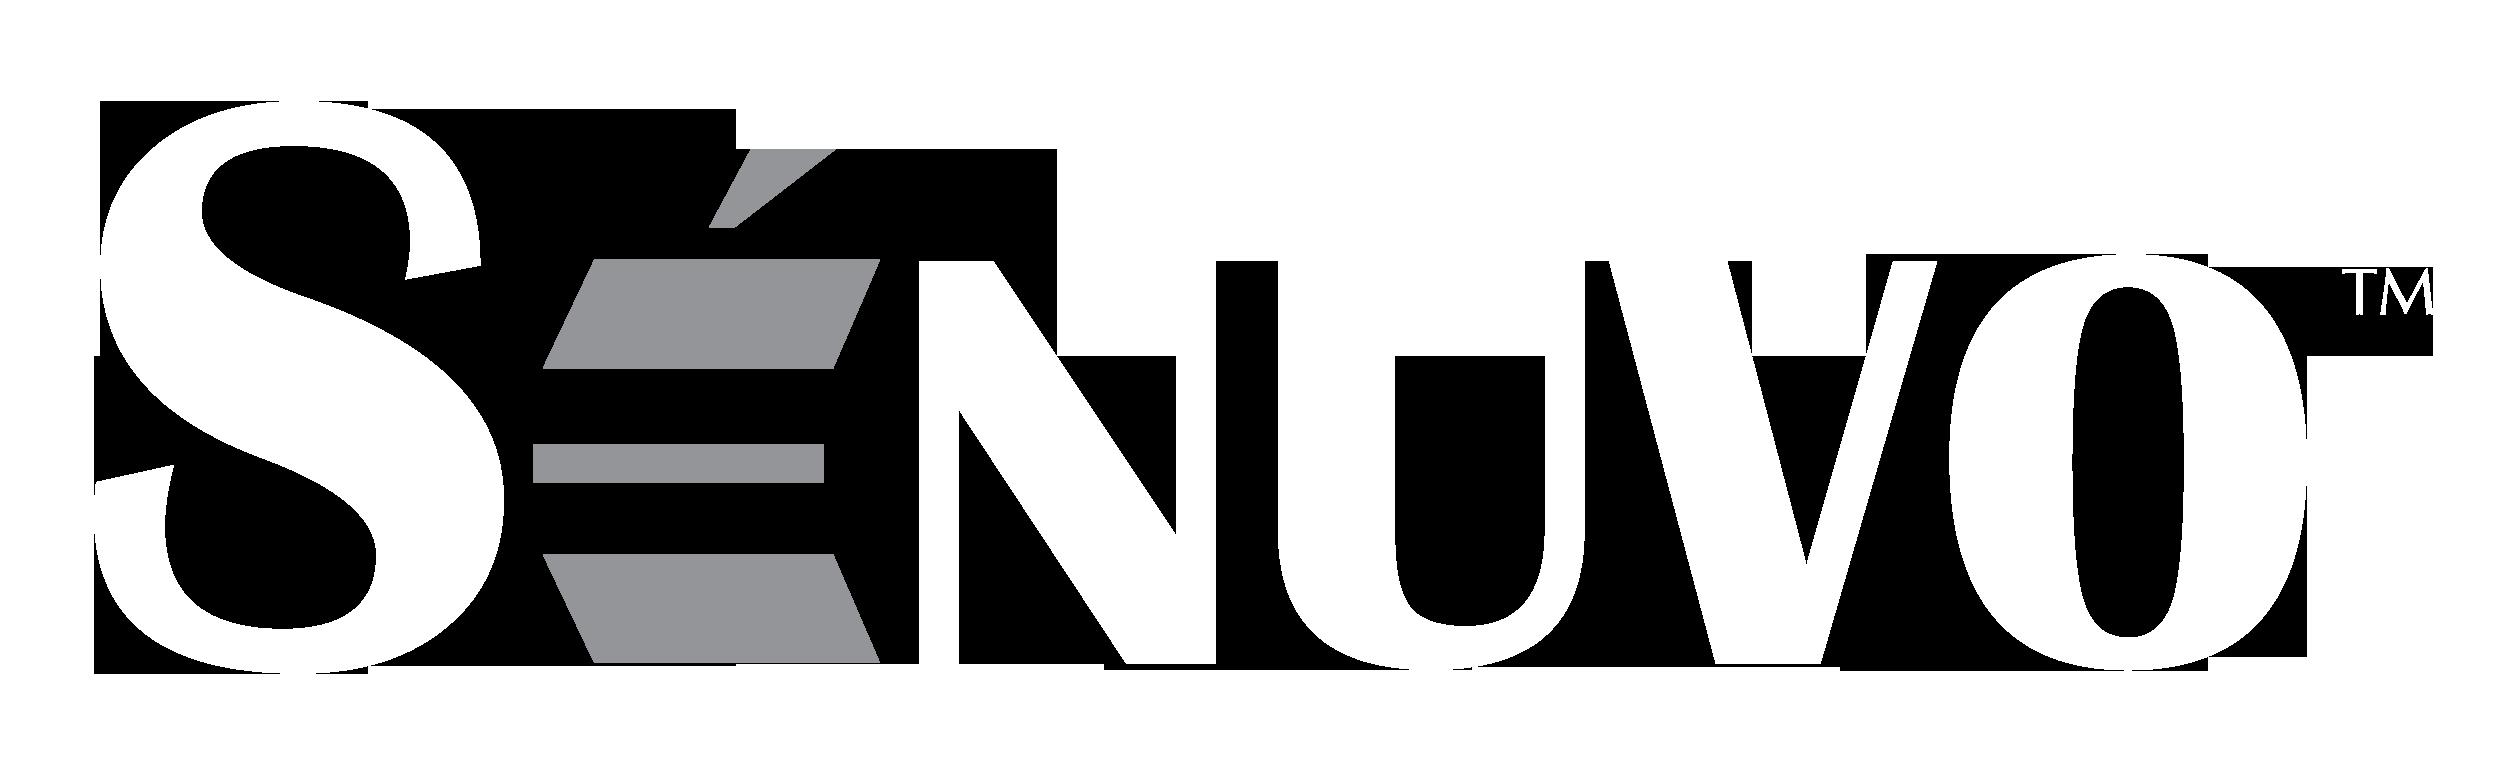 Senuvo